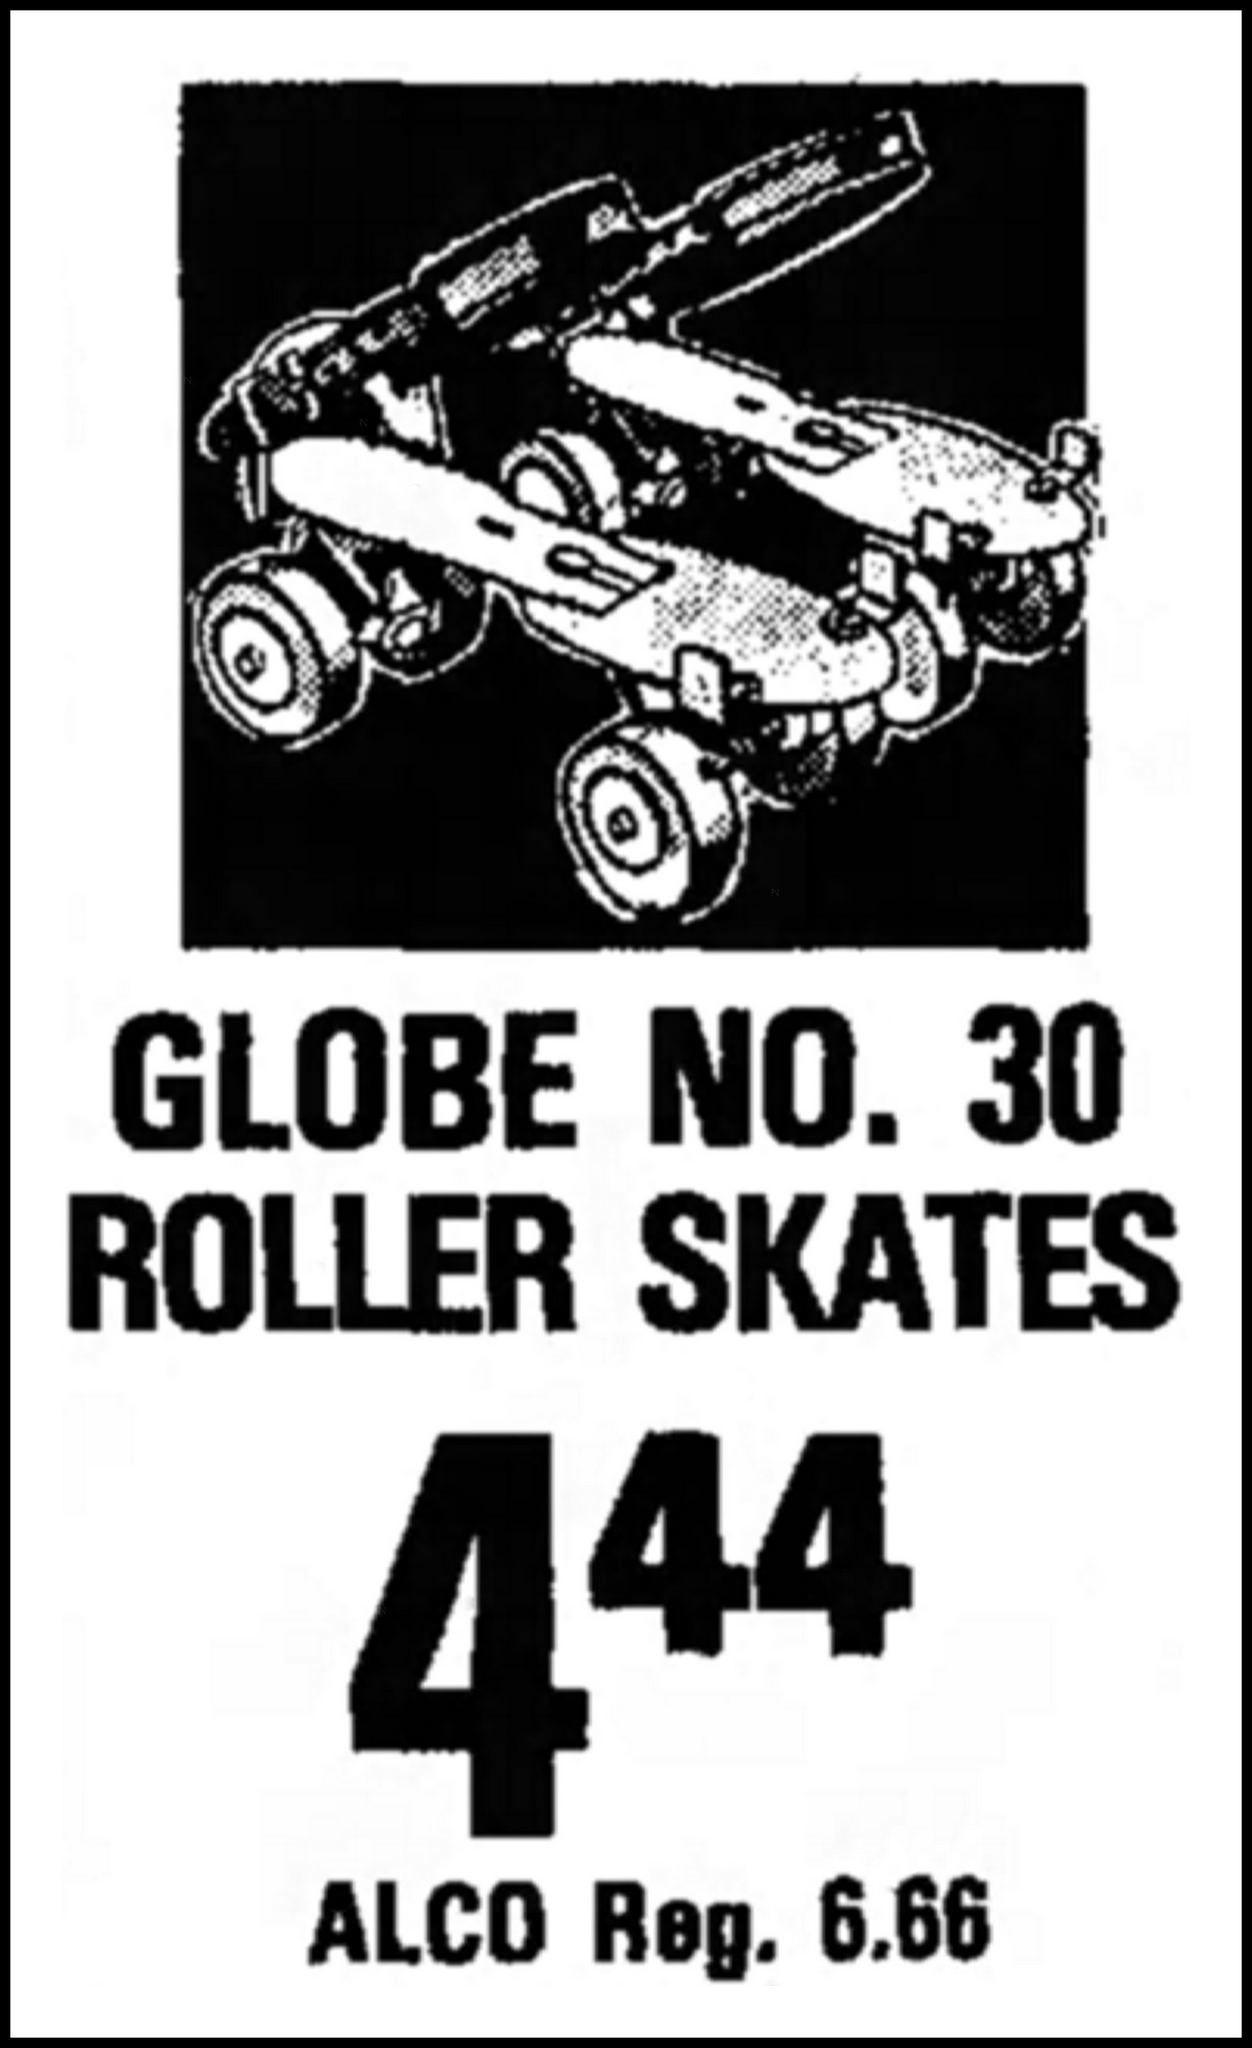 Advertising For Globe Children's Roller Skates No. 30 In